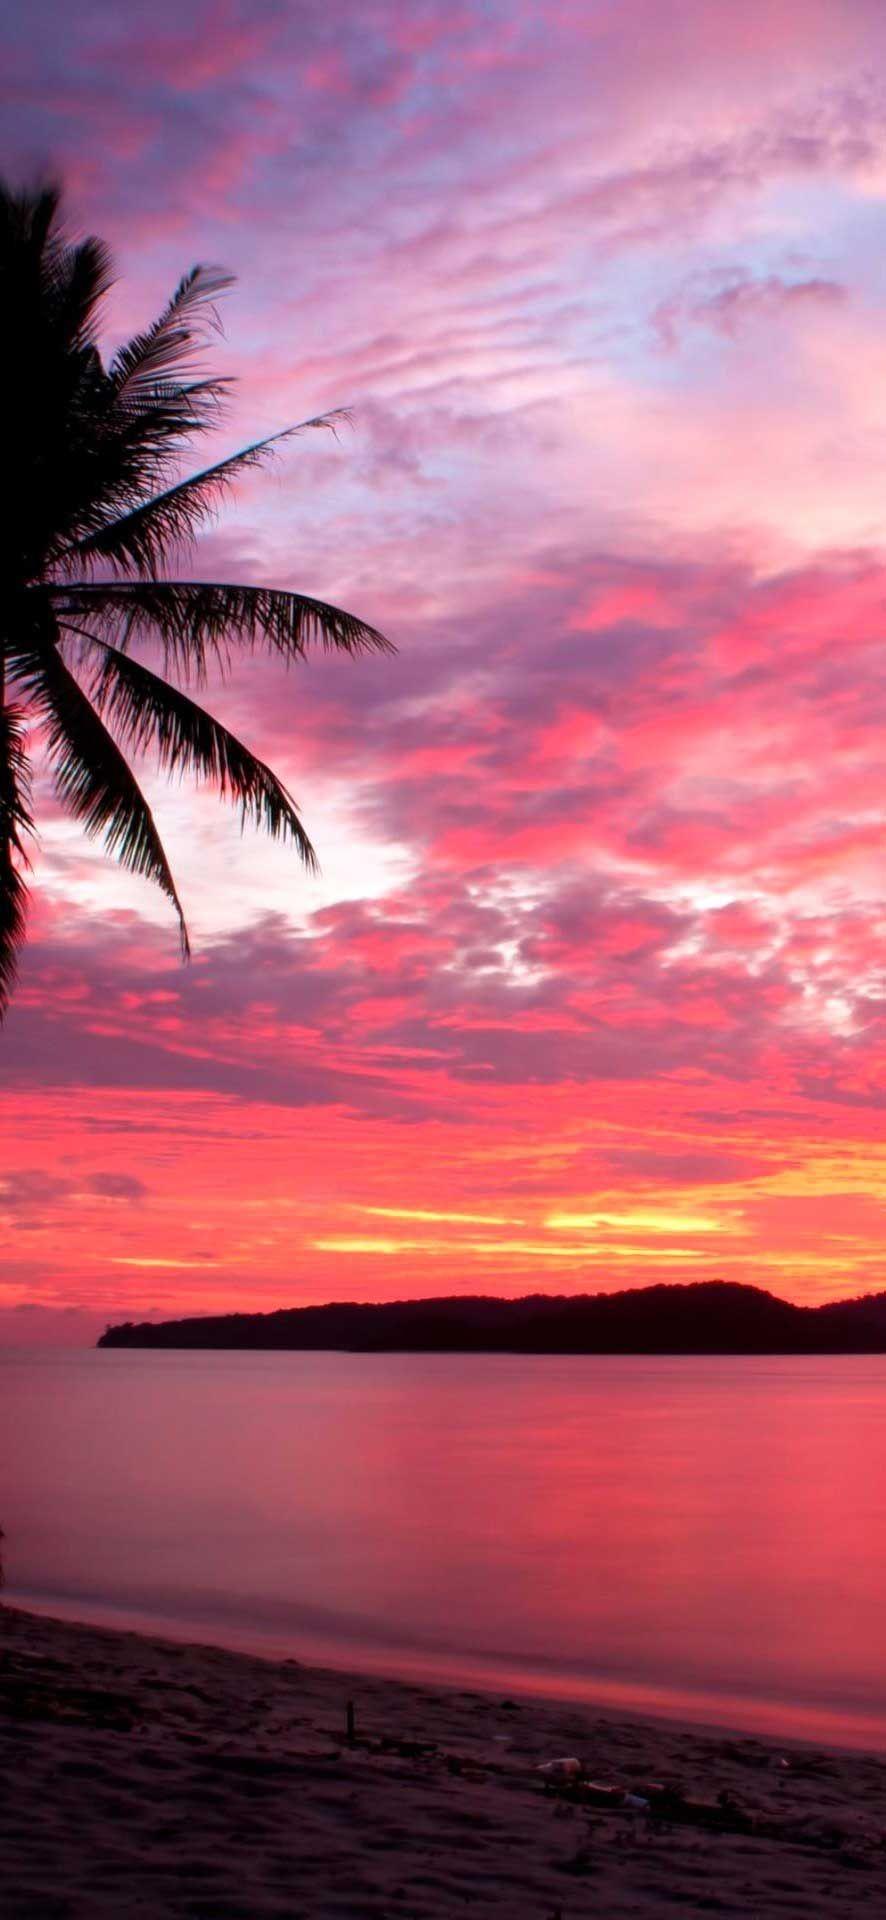 Iphone X Wallpaper Beach Sunset Wallpaper Iphone For Iphone Wallpaper Beach Hd Beach Sunset Wallpaper Sunset Wallpaper Sunset Wallpaper Iphone